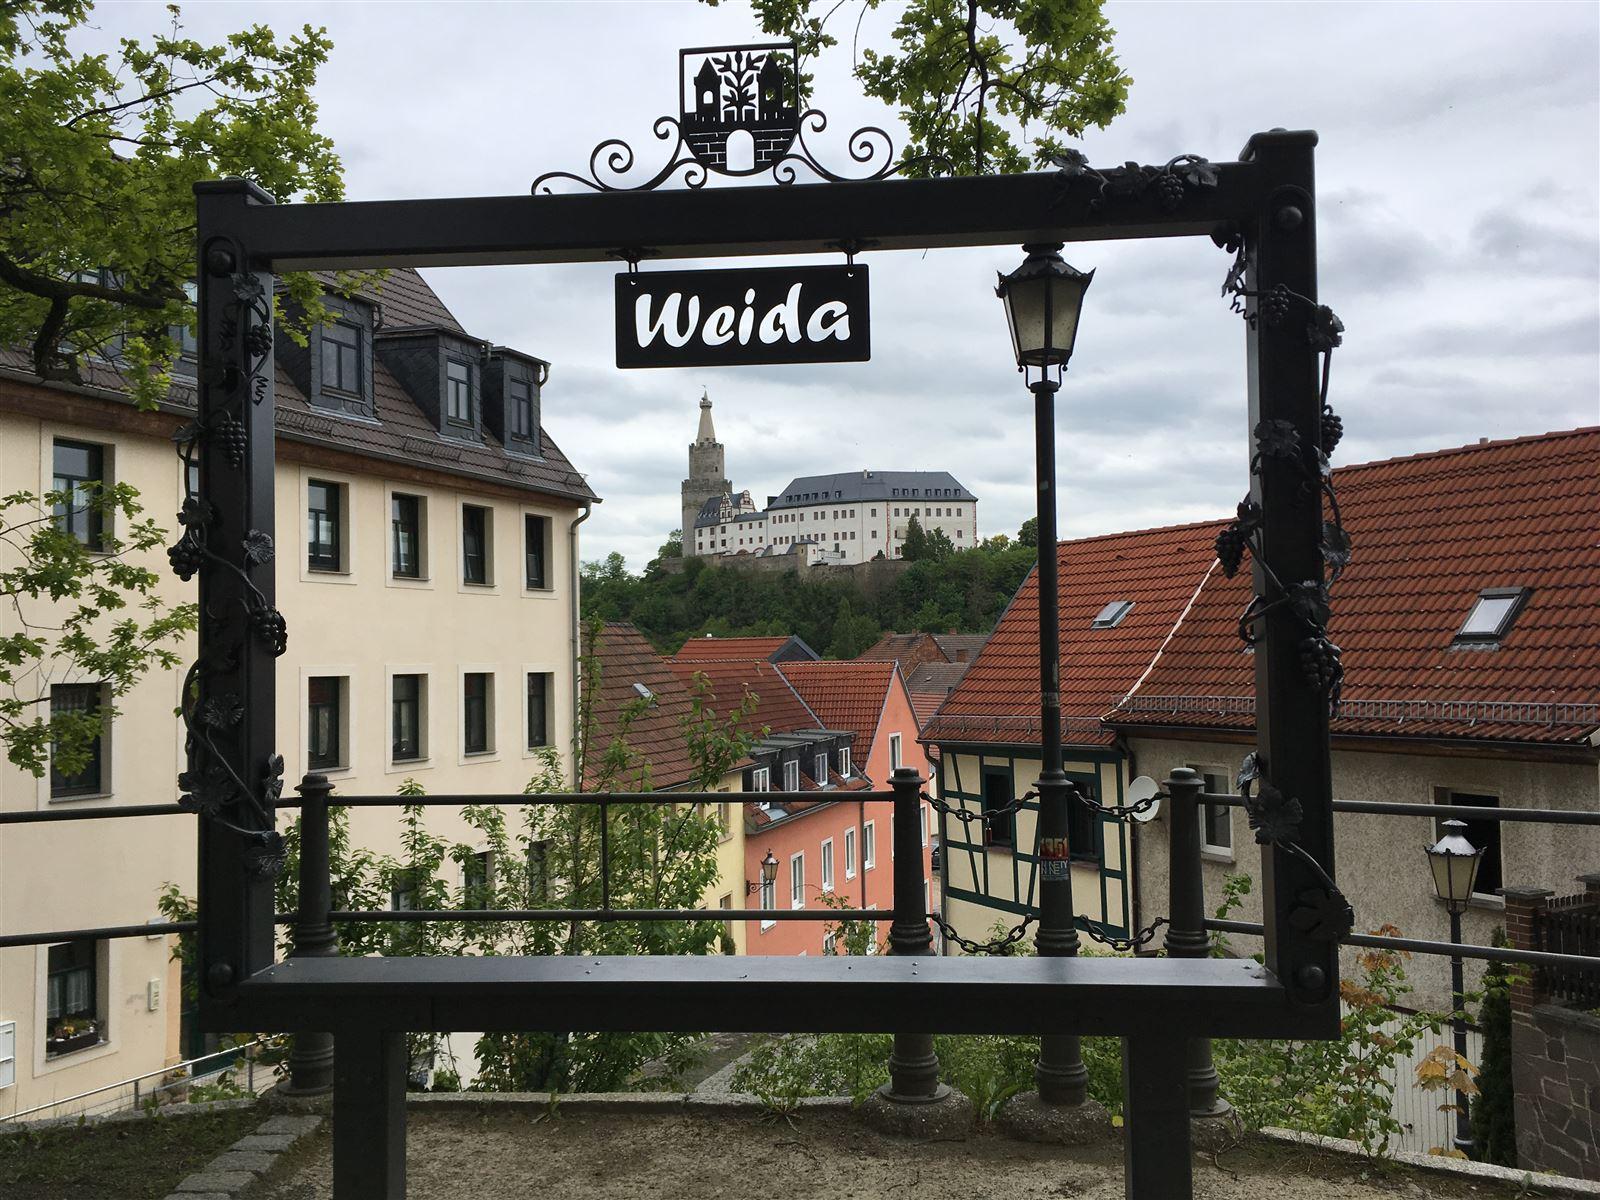 Stadtrundgang auf dem Kulturweg der Vögte durch Weida - Bilderrahmen - Selfiepoint